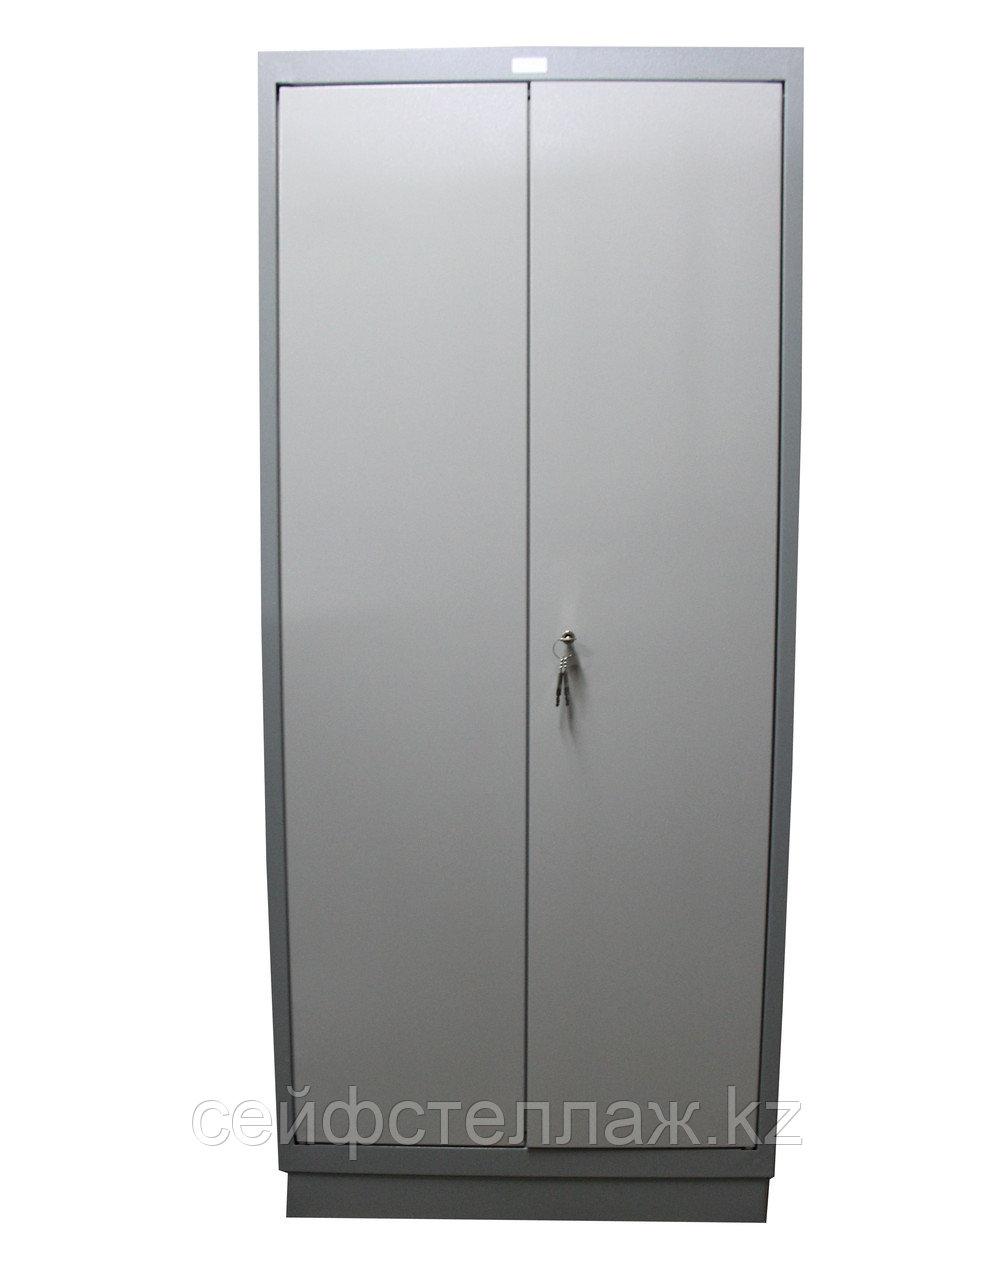 Шкаф архивный усиленный